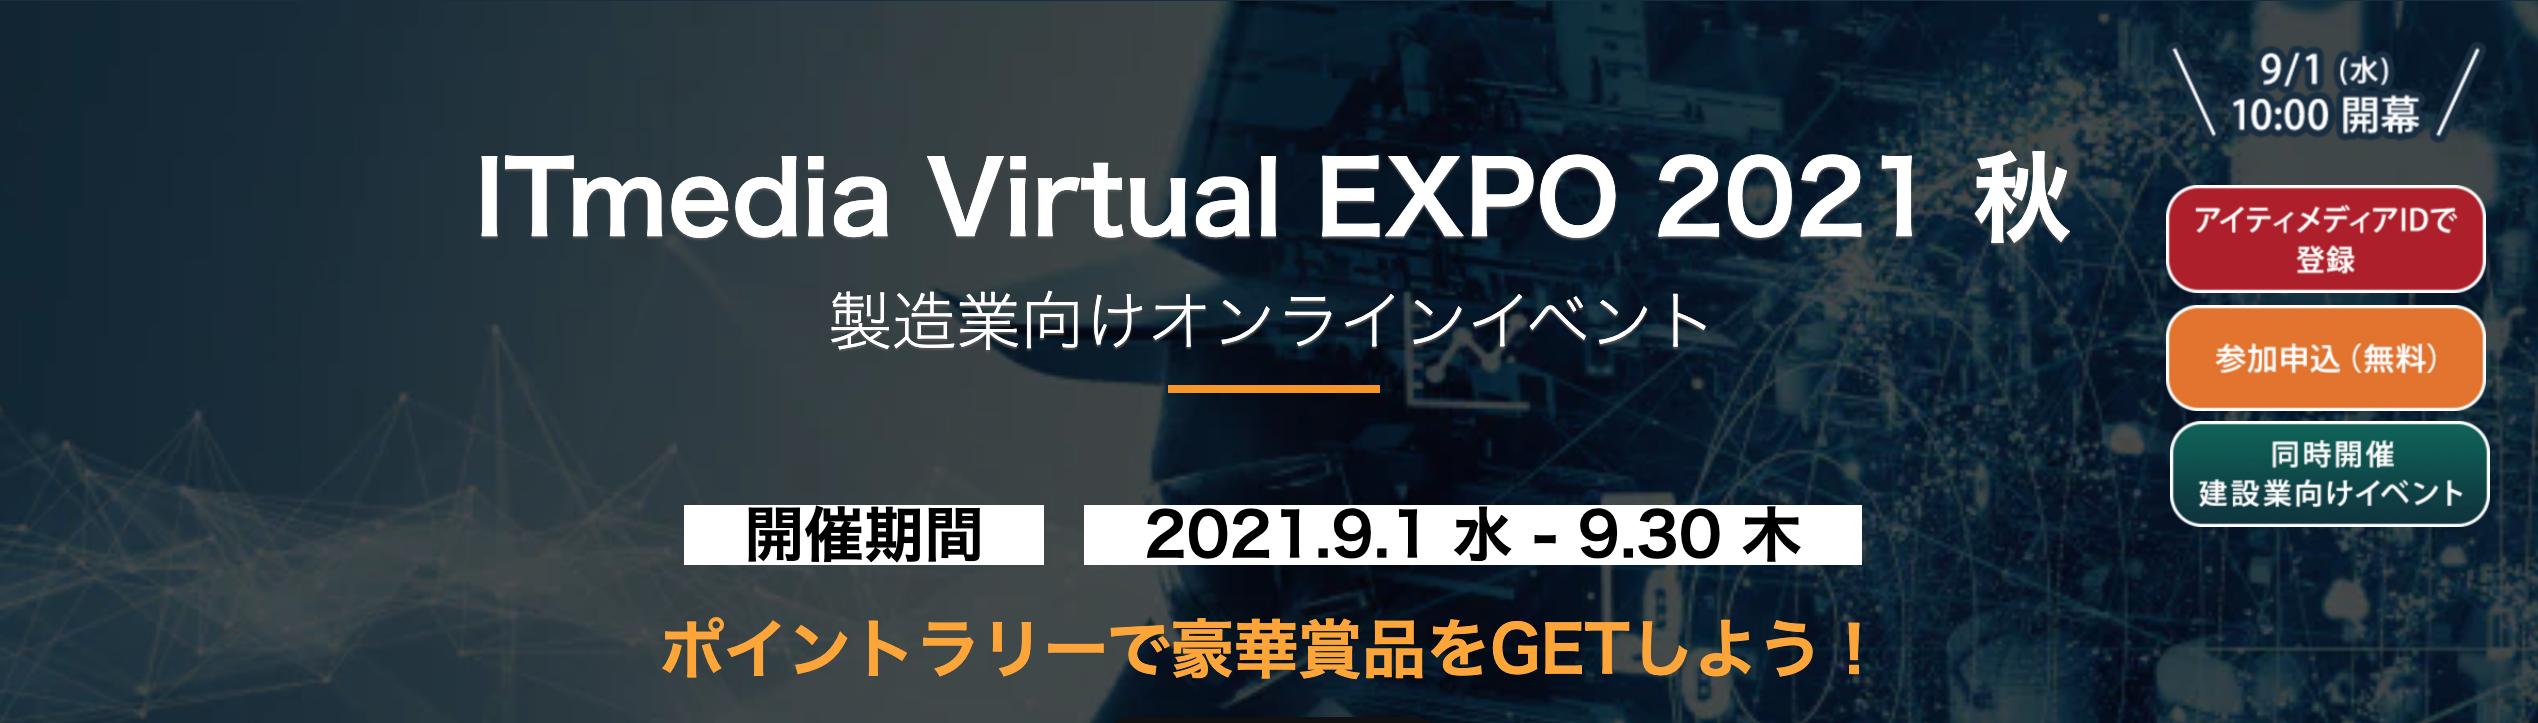 ITmedia EXPO